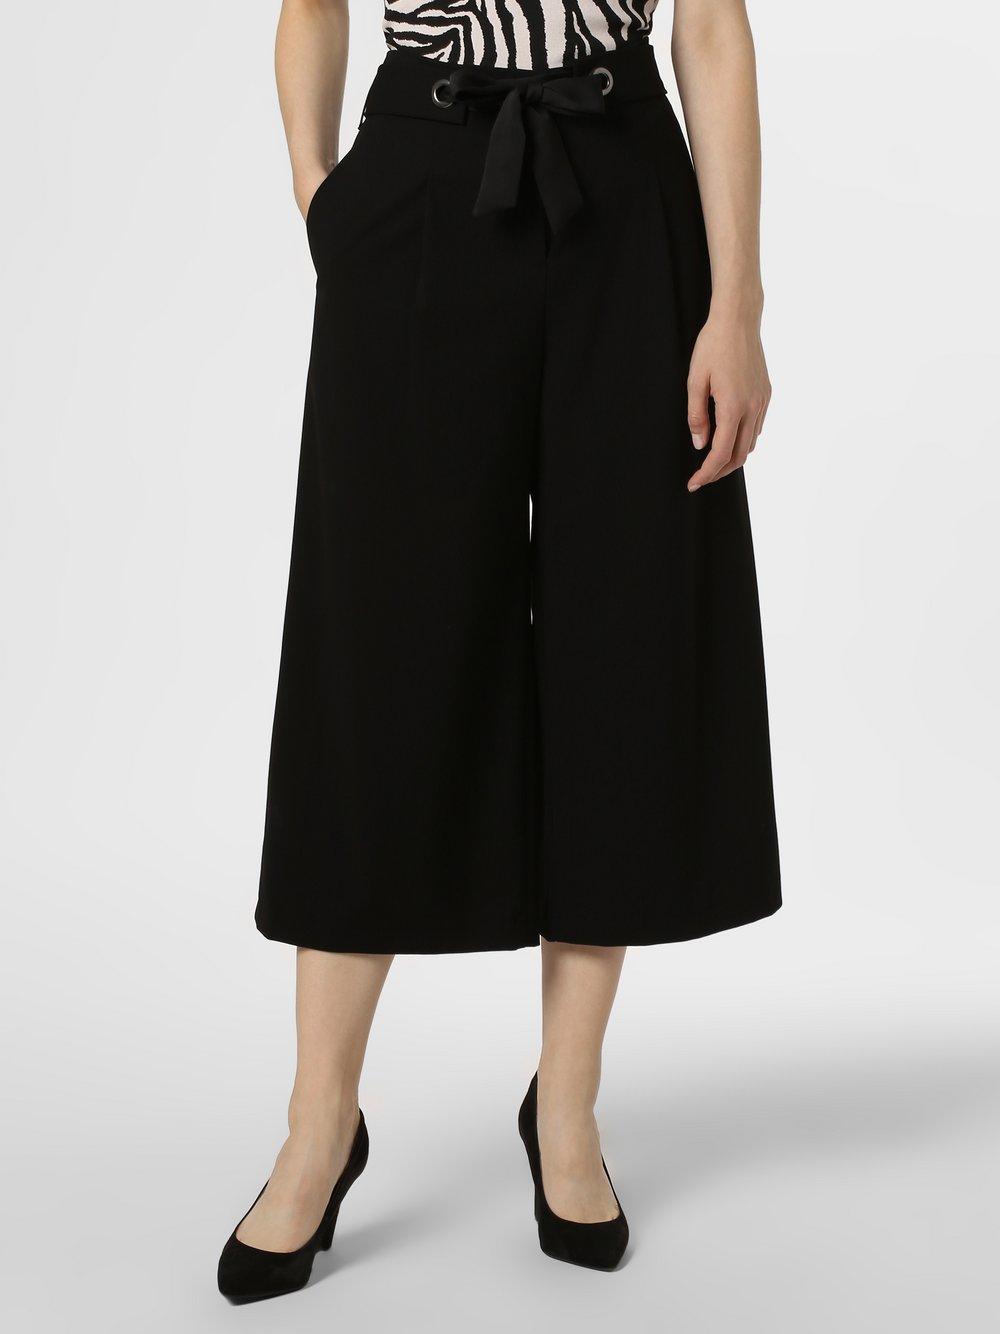 Esprit Collection - Spodnie damskie, czarny